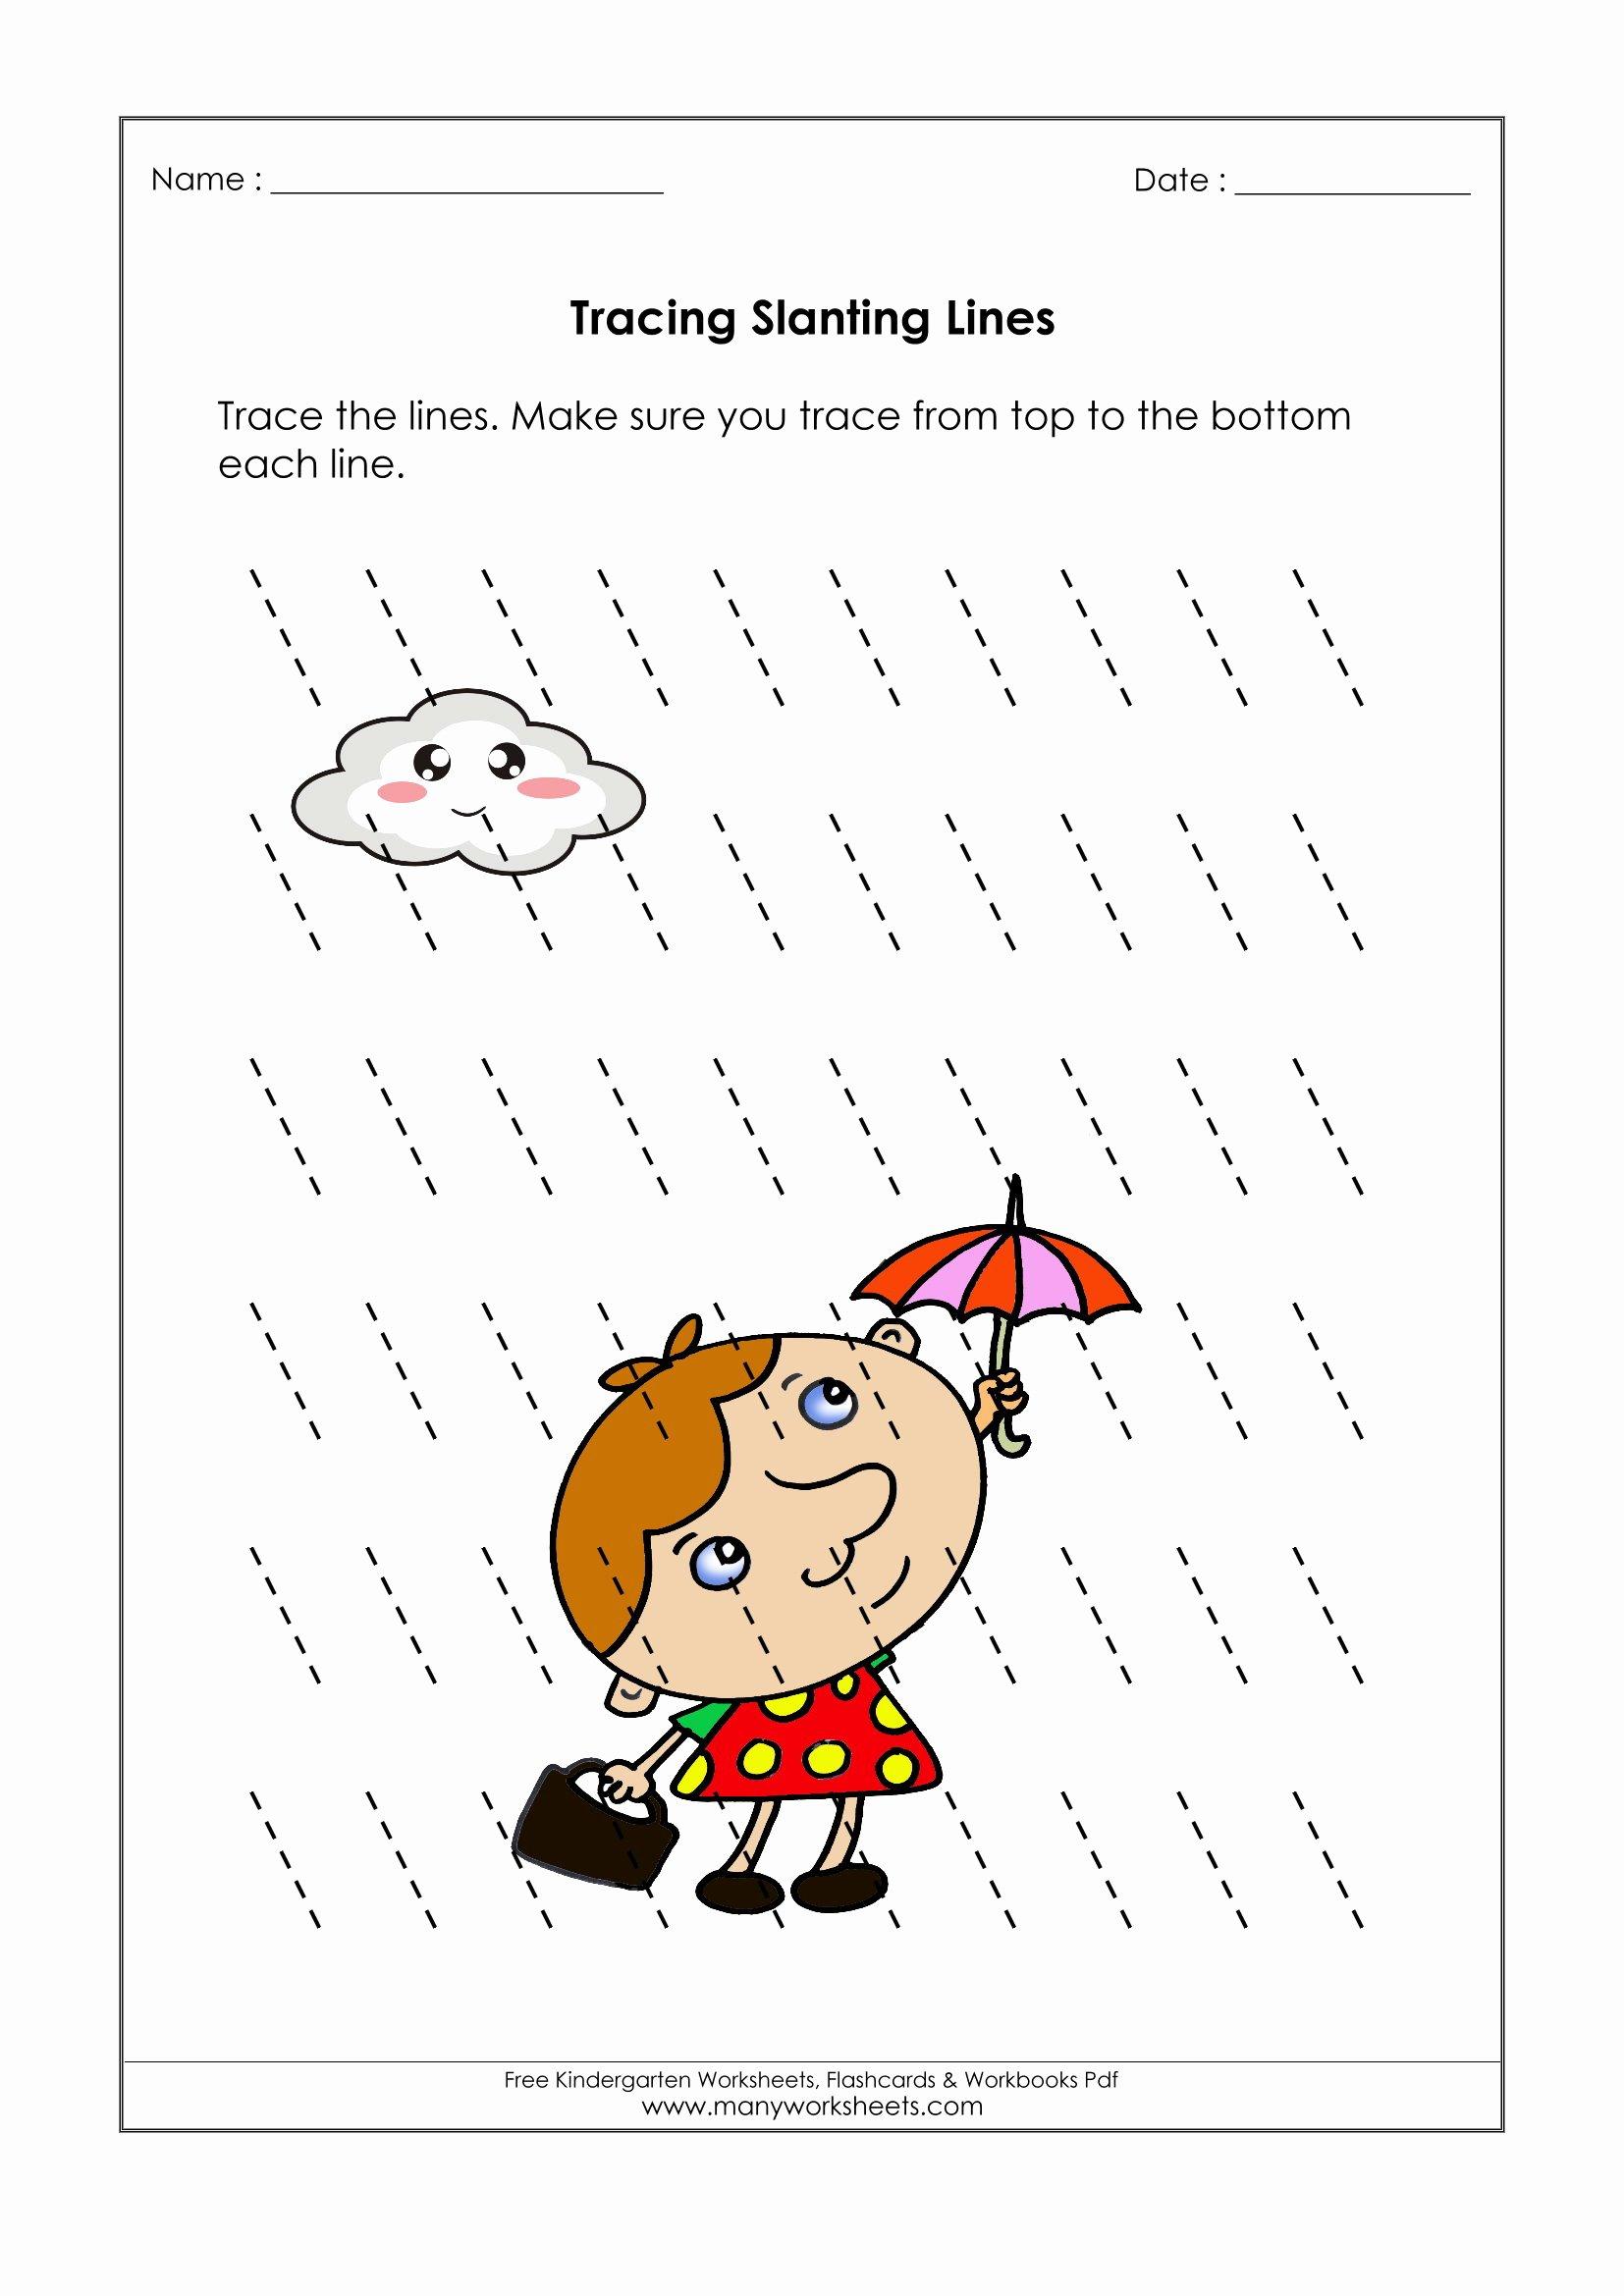 Line Tracing Worksheets for Preschoolers New Sleeping Standing Lines Worksheet Printable Worksheets and